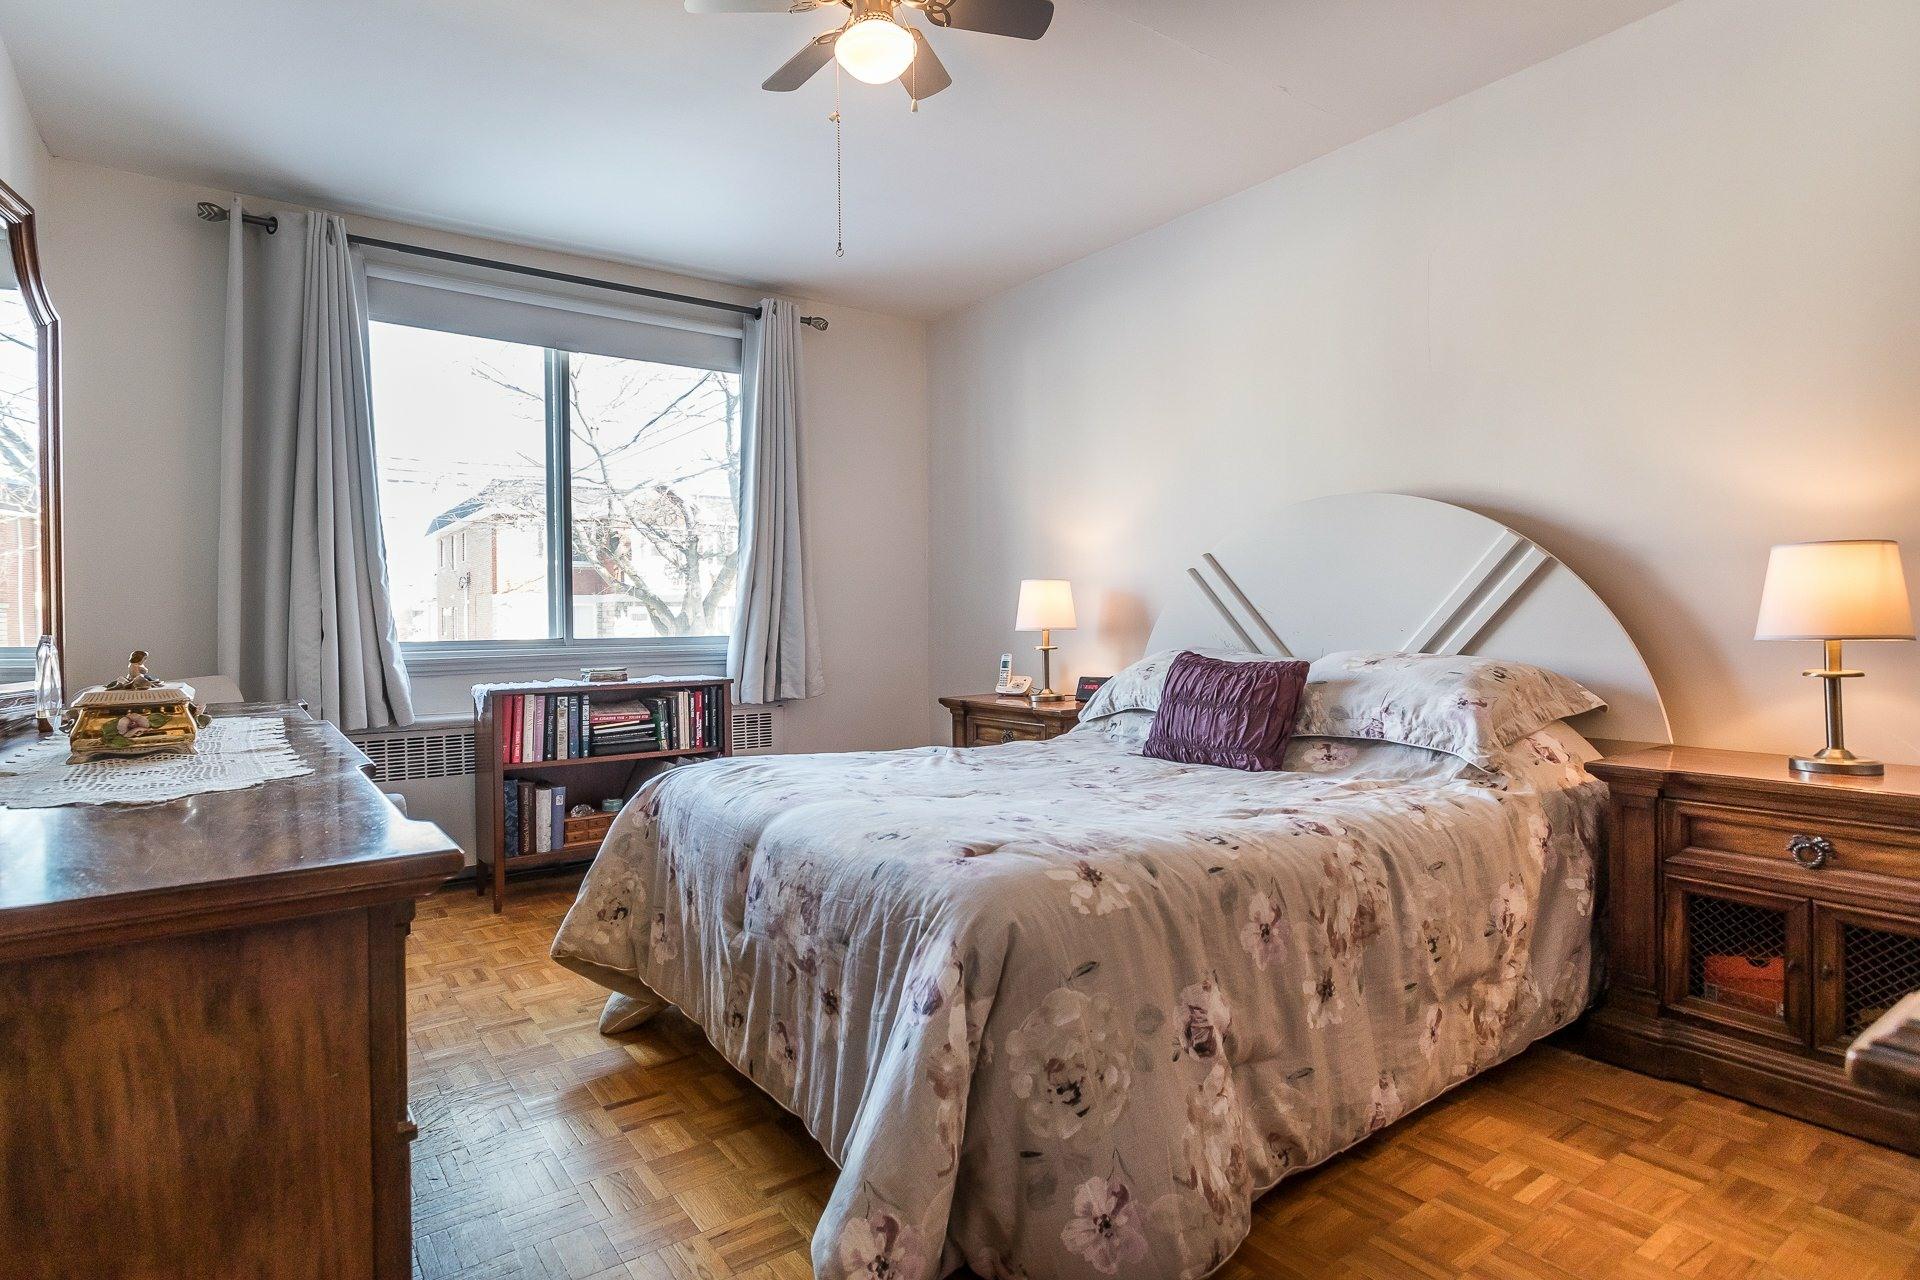 image 13 - Duplex À vendre Côte-des-Neiges/Notre-Dame-de-Grâce Montréal  - 5 pièces